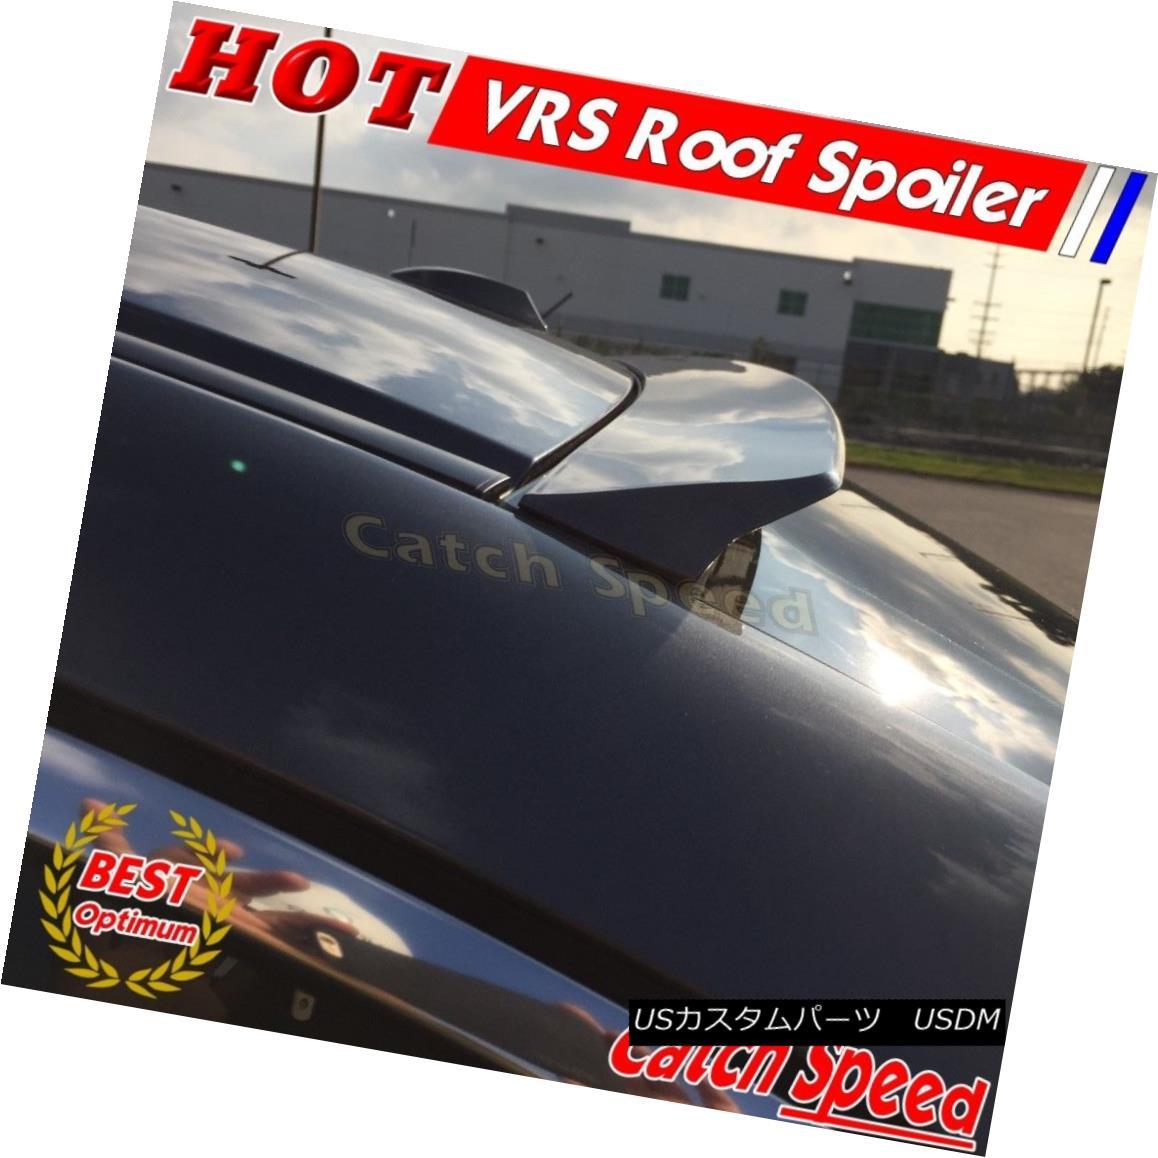 エアロパーツ Flat Black VRS TYPE Rear Roof Spoiler Wing For Mitsubishi GRUNDER 2004~15 US 4D 三菱GRUNDER 2004?15 US 4D用フラットブラックVRS TYPEリアルーフスポイラーウイング